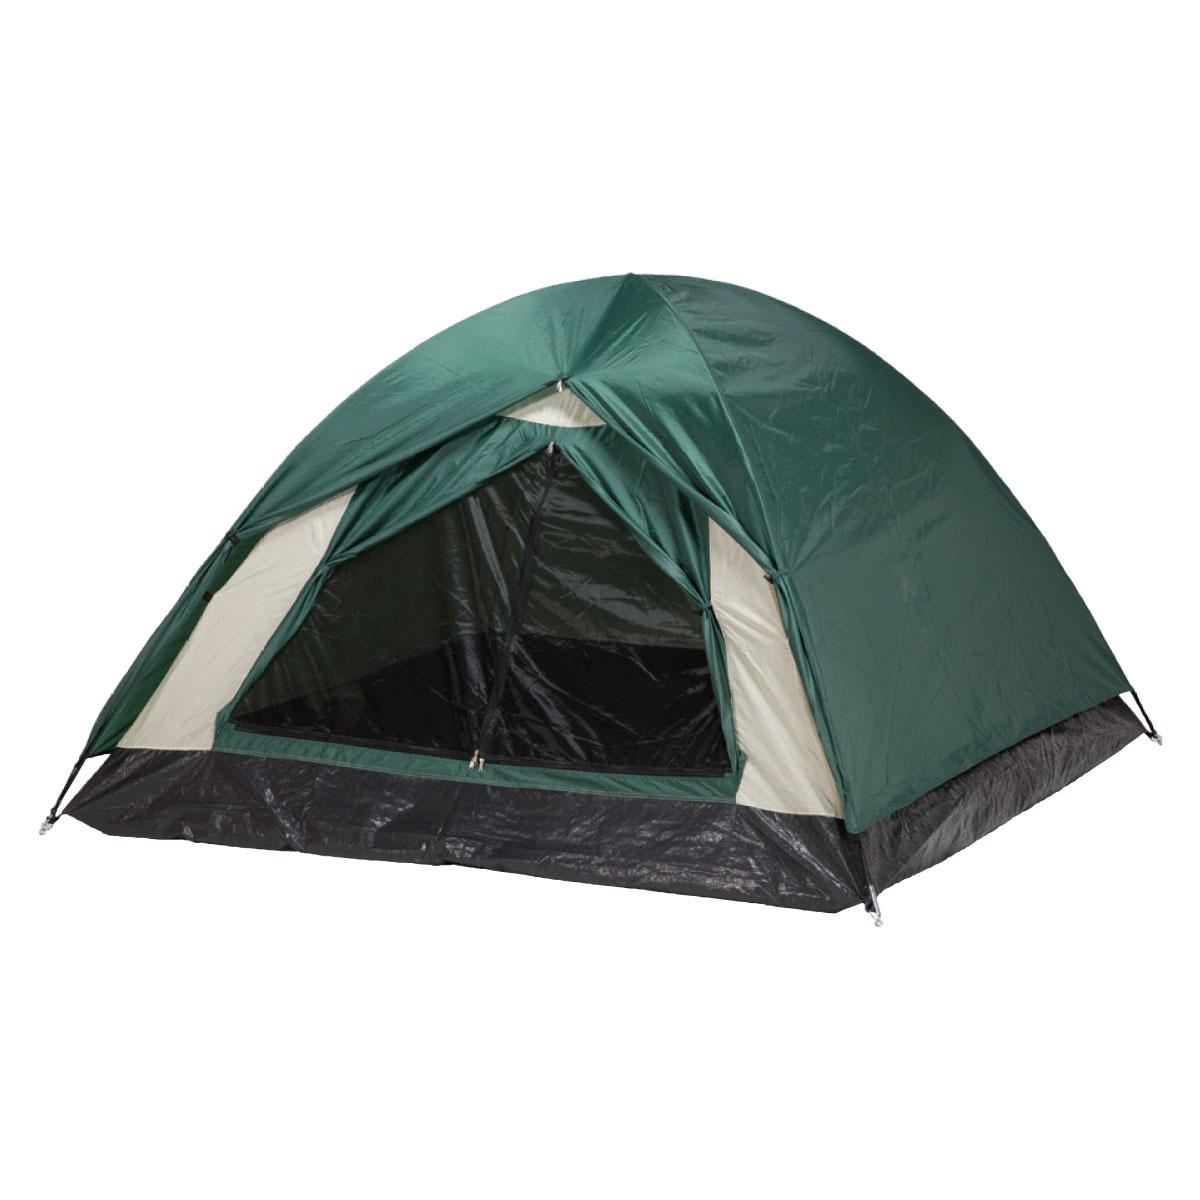 ソロキャンプで満足できるリーズナブルなテントを紹介!